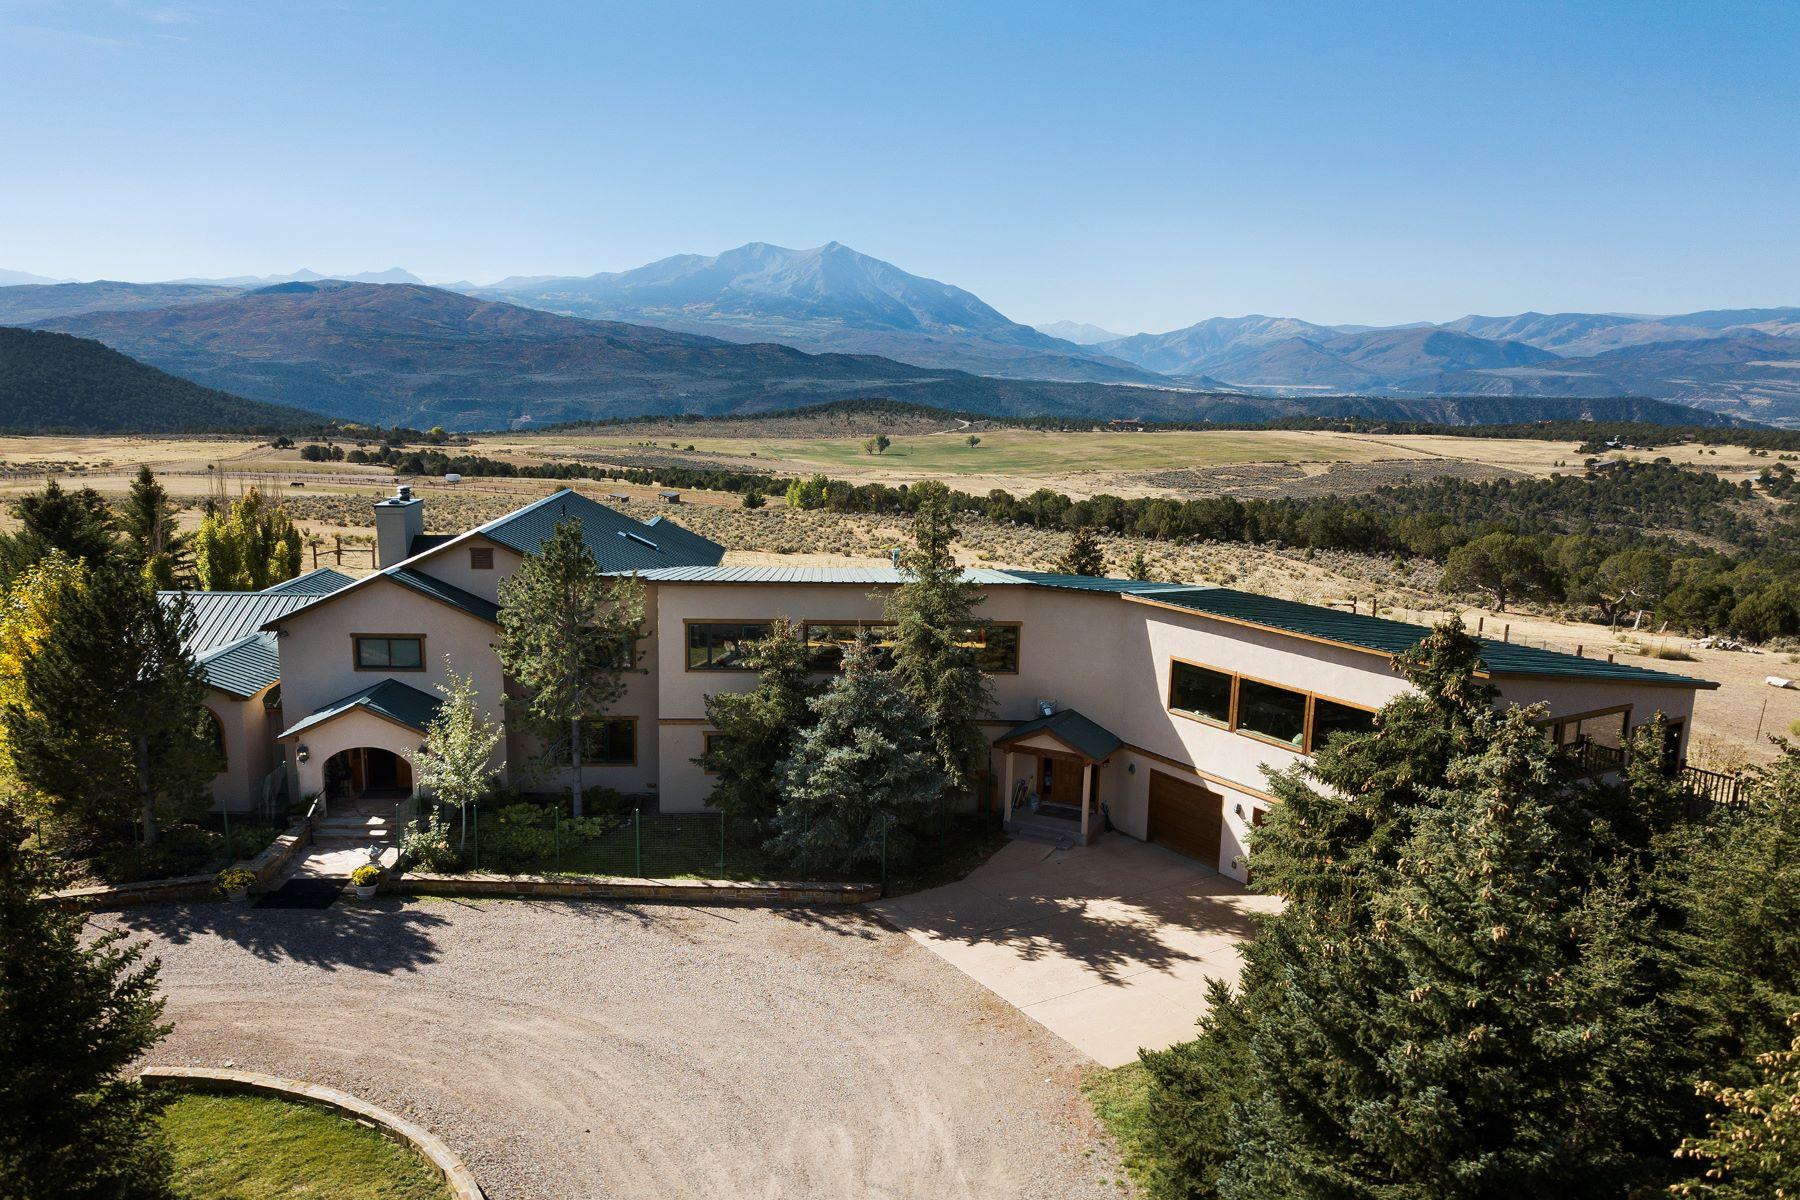 Fazenda / Rancho / Plantação para Venda às Carbondale, Colorado 81623 Estados Unidos